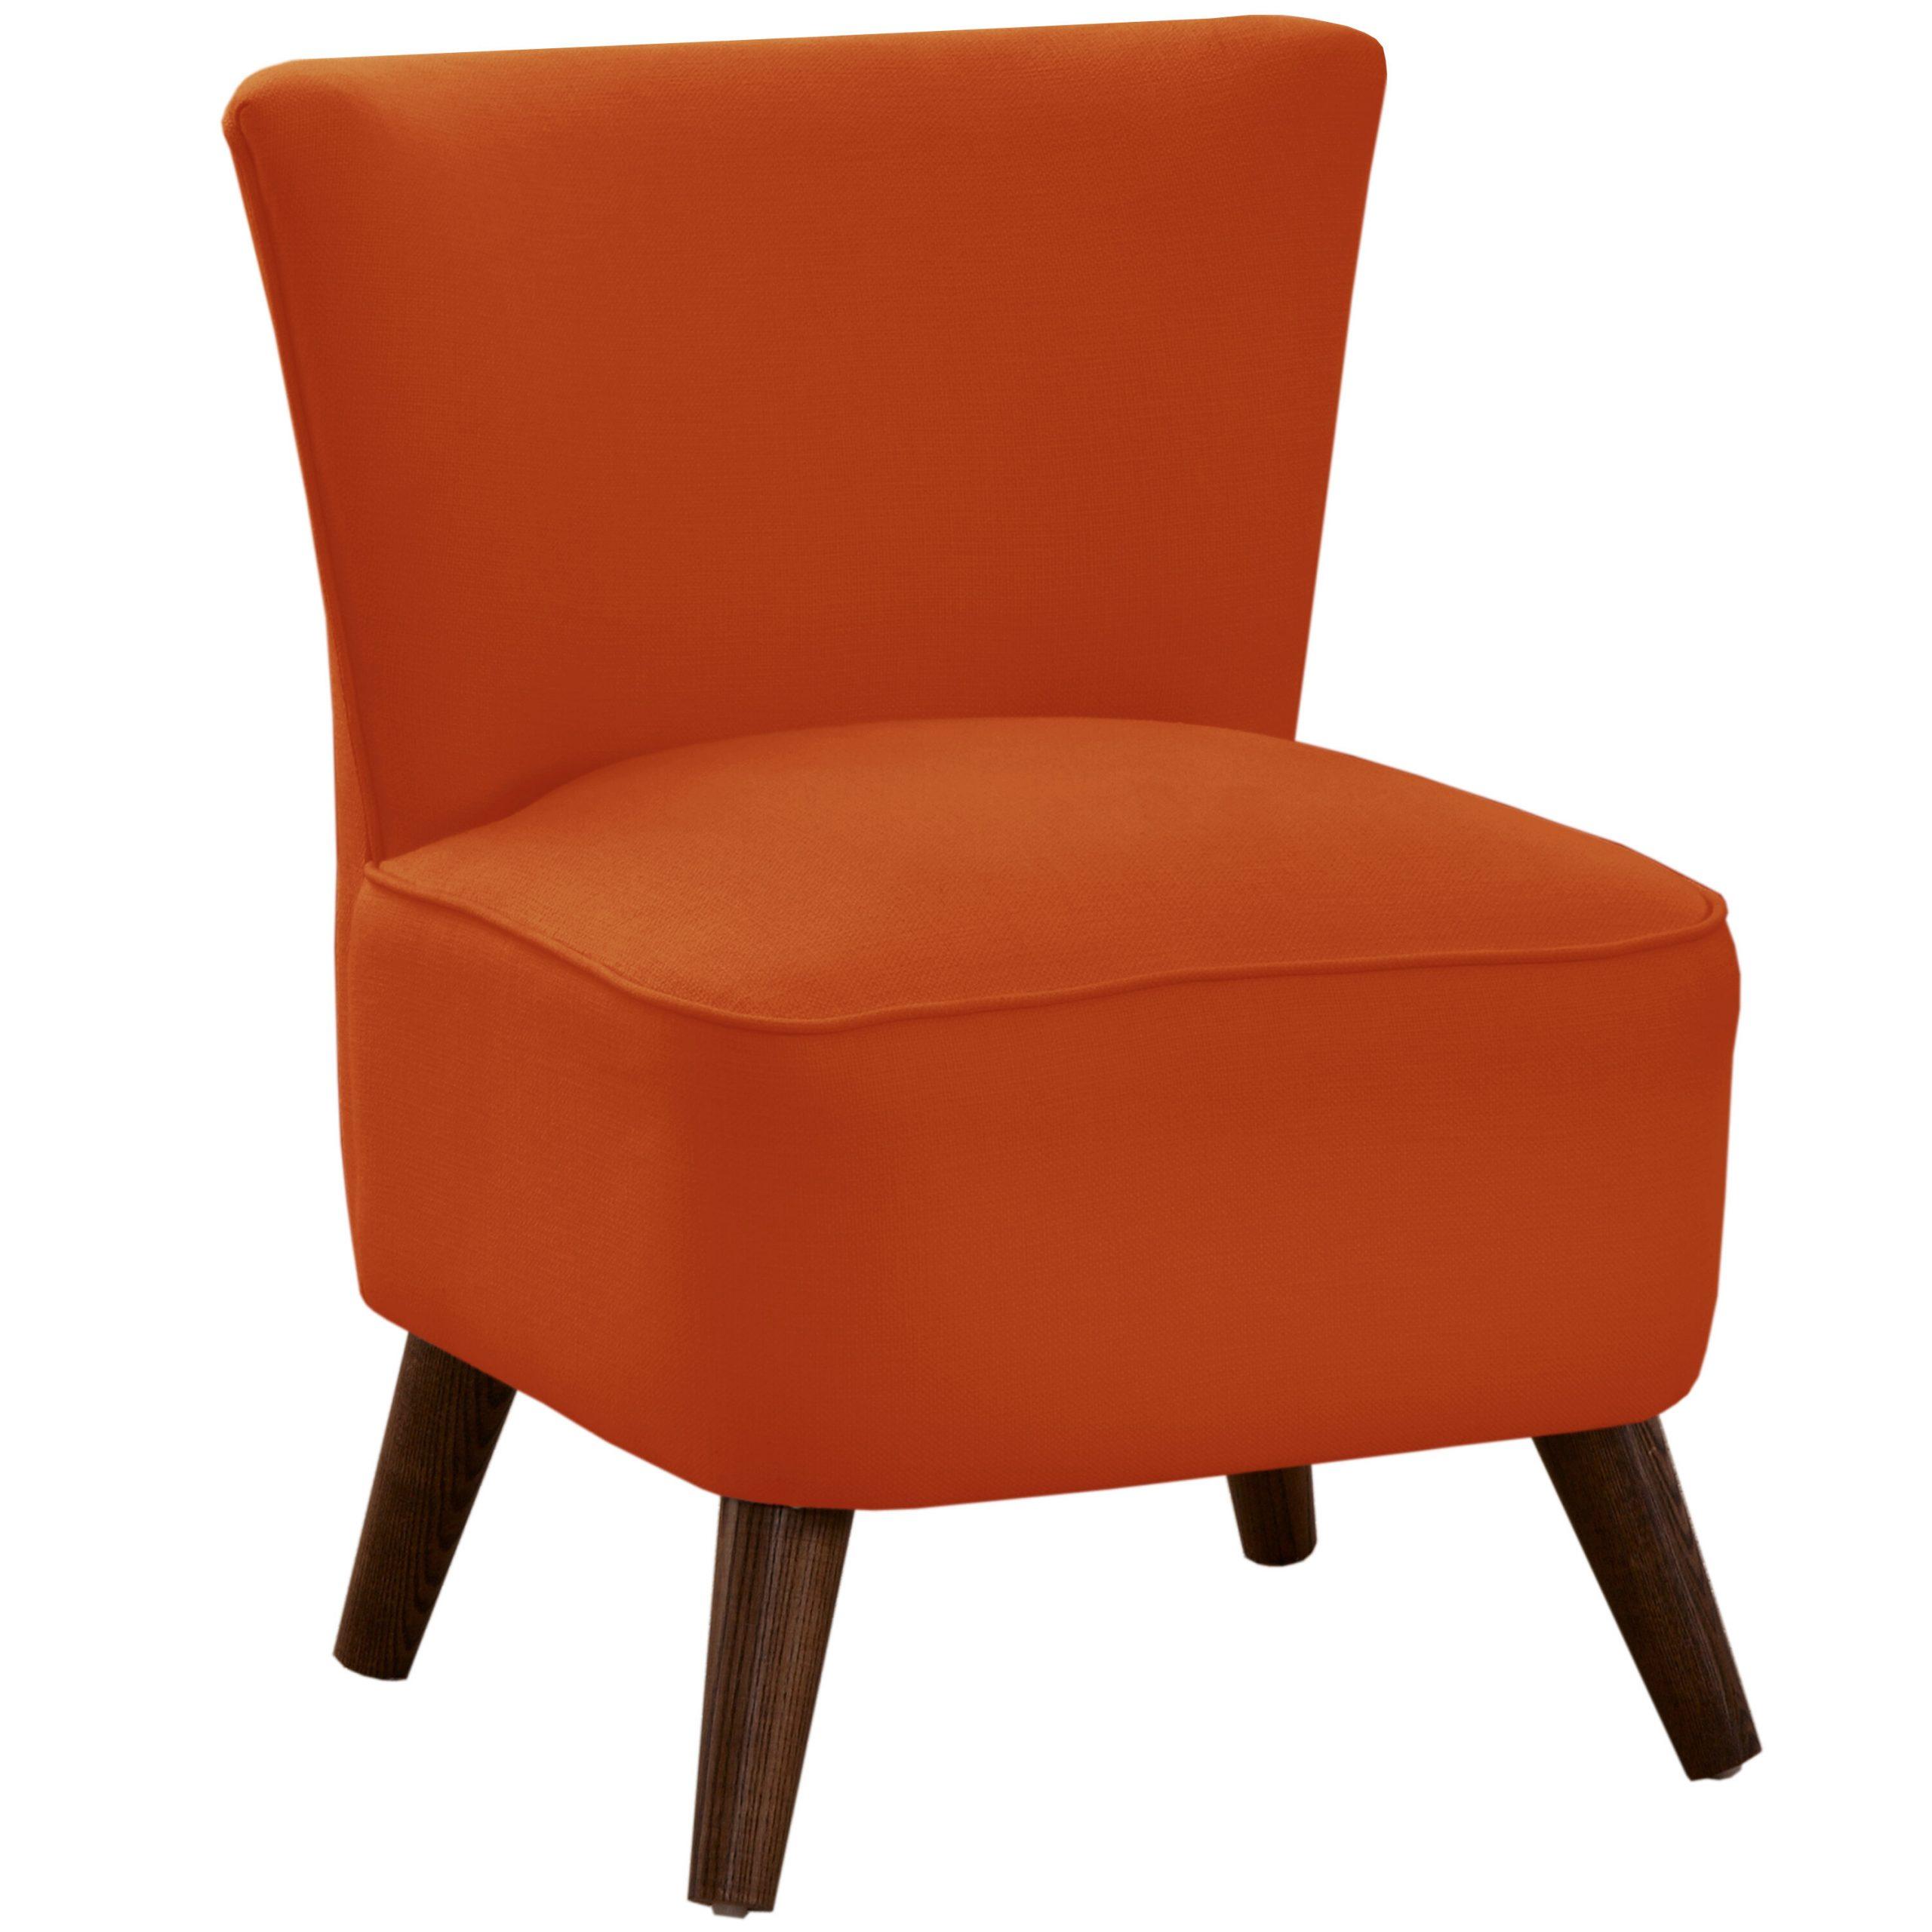 Griner Slipper Chair Intended For Easterling Velvet Slipper Chairs (View 3 of 15)